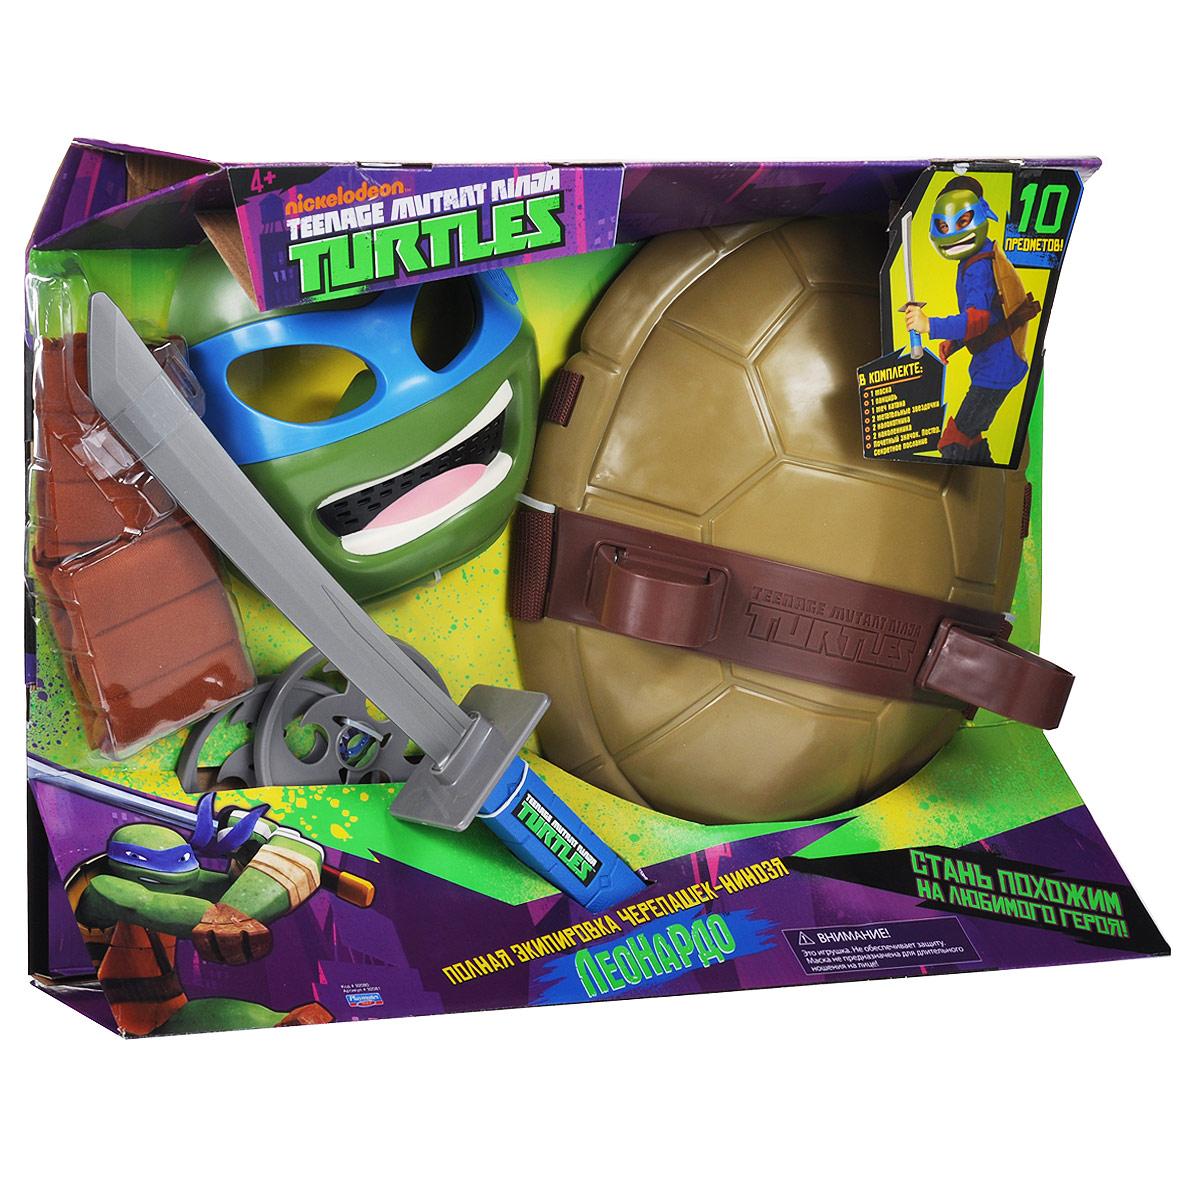 Игровой набор Turtles Боевое снаряжение Черепашки-Ниндзя: Леонардо, 12 предметов92080_92081Игровой набор Turtles Боевое снаряжение Черепашки-Ниндзя: Леонардо непременно понравится вашему ребенку. Он включает в себя предметы боевого снаряжения Черепашки-Ниндзя Леонардо: маску, панцирь-щит, меч катана, 2 метательные звездочки, 2 налокотника, 2 наколенника, почетный значок, постер и секретное послание. Маска имеет прорези для глаз и держится на голове при помощи эластичных ремешков на липучке. Внутри маски находится специальная резиновая накладка по контуру глаз и носа. Щит выполнен из жесткого пластика и оснащен текстильными регулируемыми ремнями: с помощью липучки щит можно закрепить на поясе, с помощью пластиковых фиксаторов - на обоих плечах. Также щит снабжен двумя специальными универсальными держателями, которые подходят для любого оружия Черепашек-Ниндзя. С игровым набором Turtles Боевое снаряжение Черепашки-Ниндзя: Леонардо ваш ребенок без труда перевоплотиться в любимого героя. Порадуйте своего непоседу таким замечательным подарком!